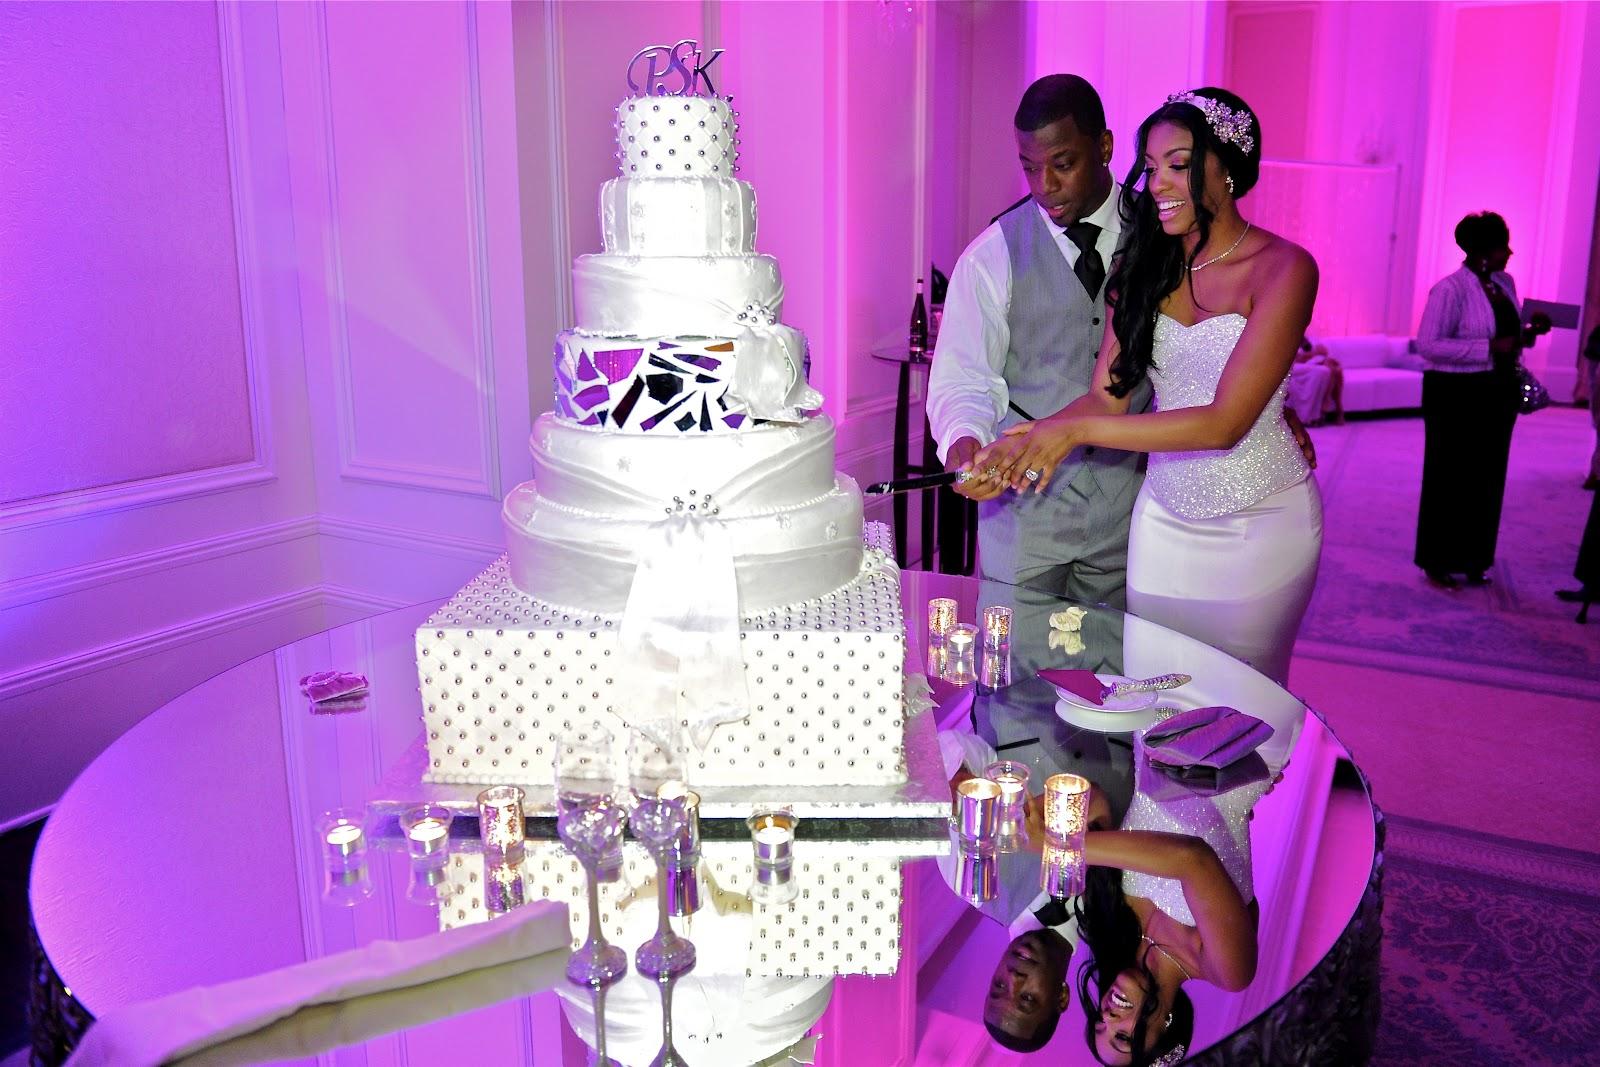 Celebrity Cake Supplies - Home | Facebook